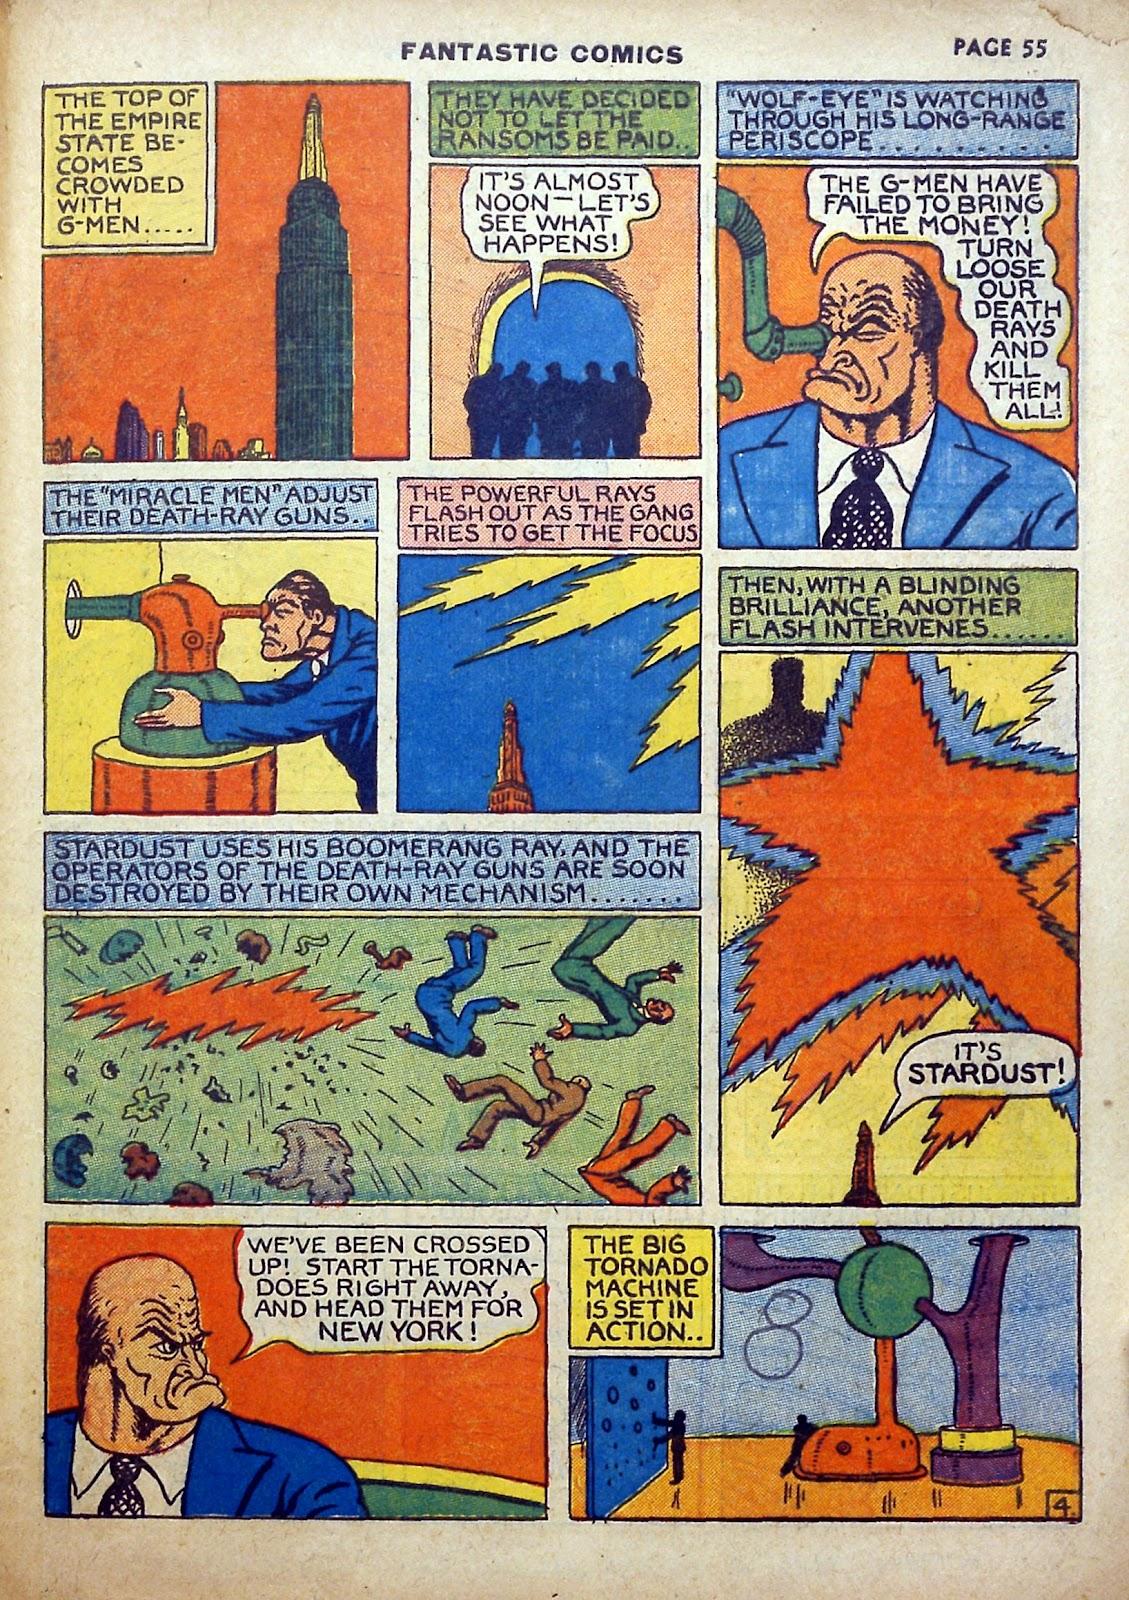 Read online Fantastic Comics comic -  Issue #5 - 56